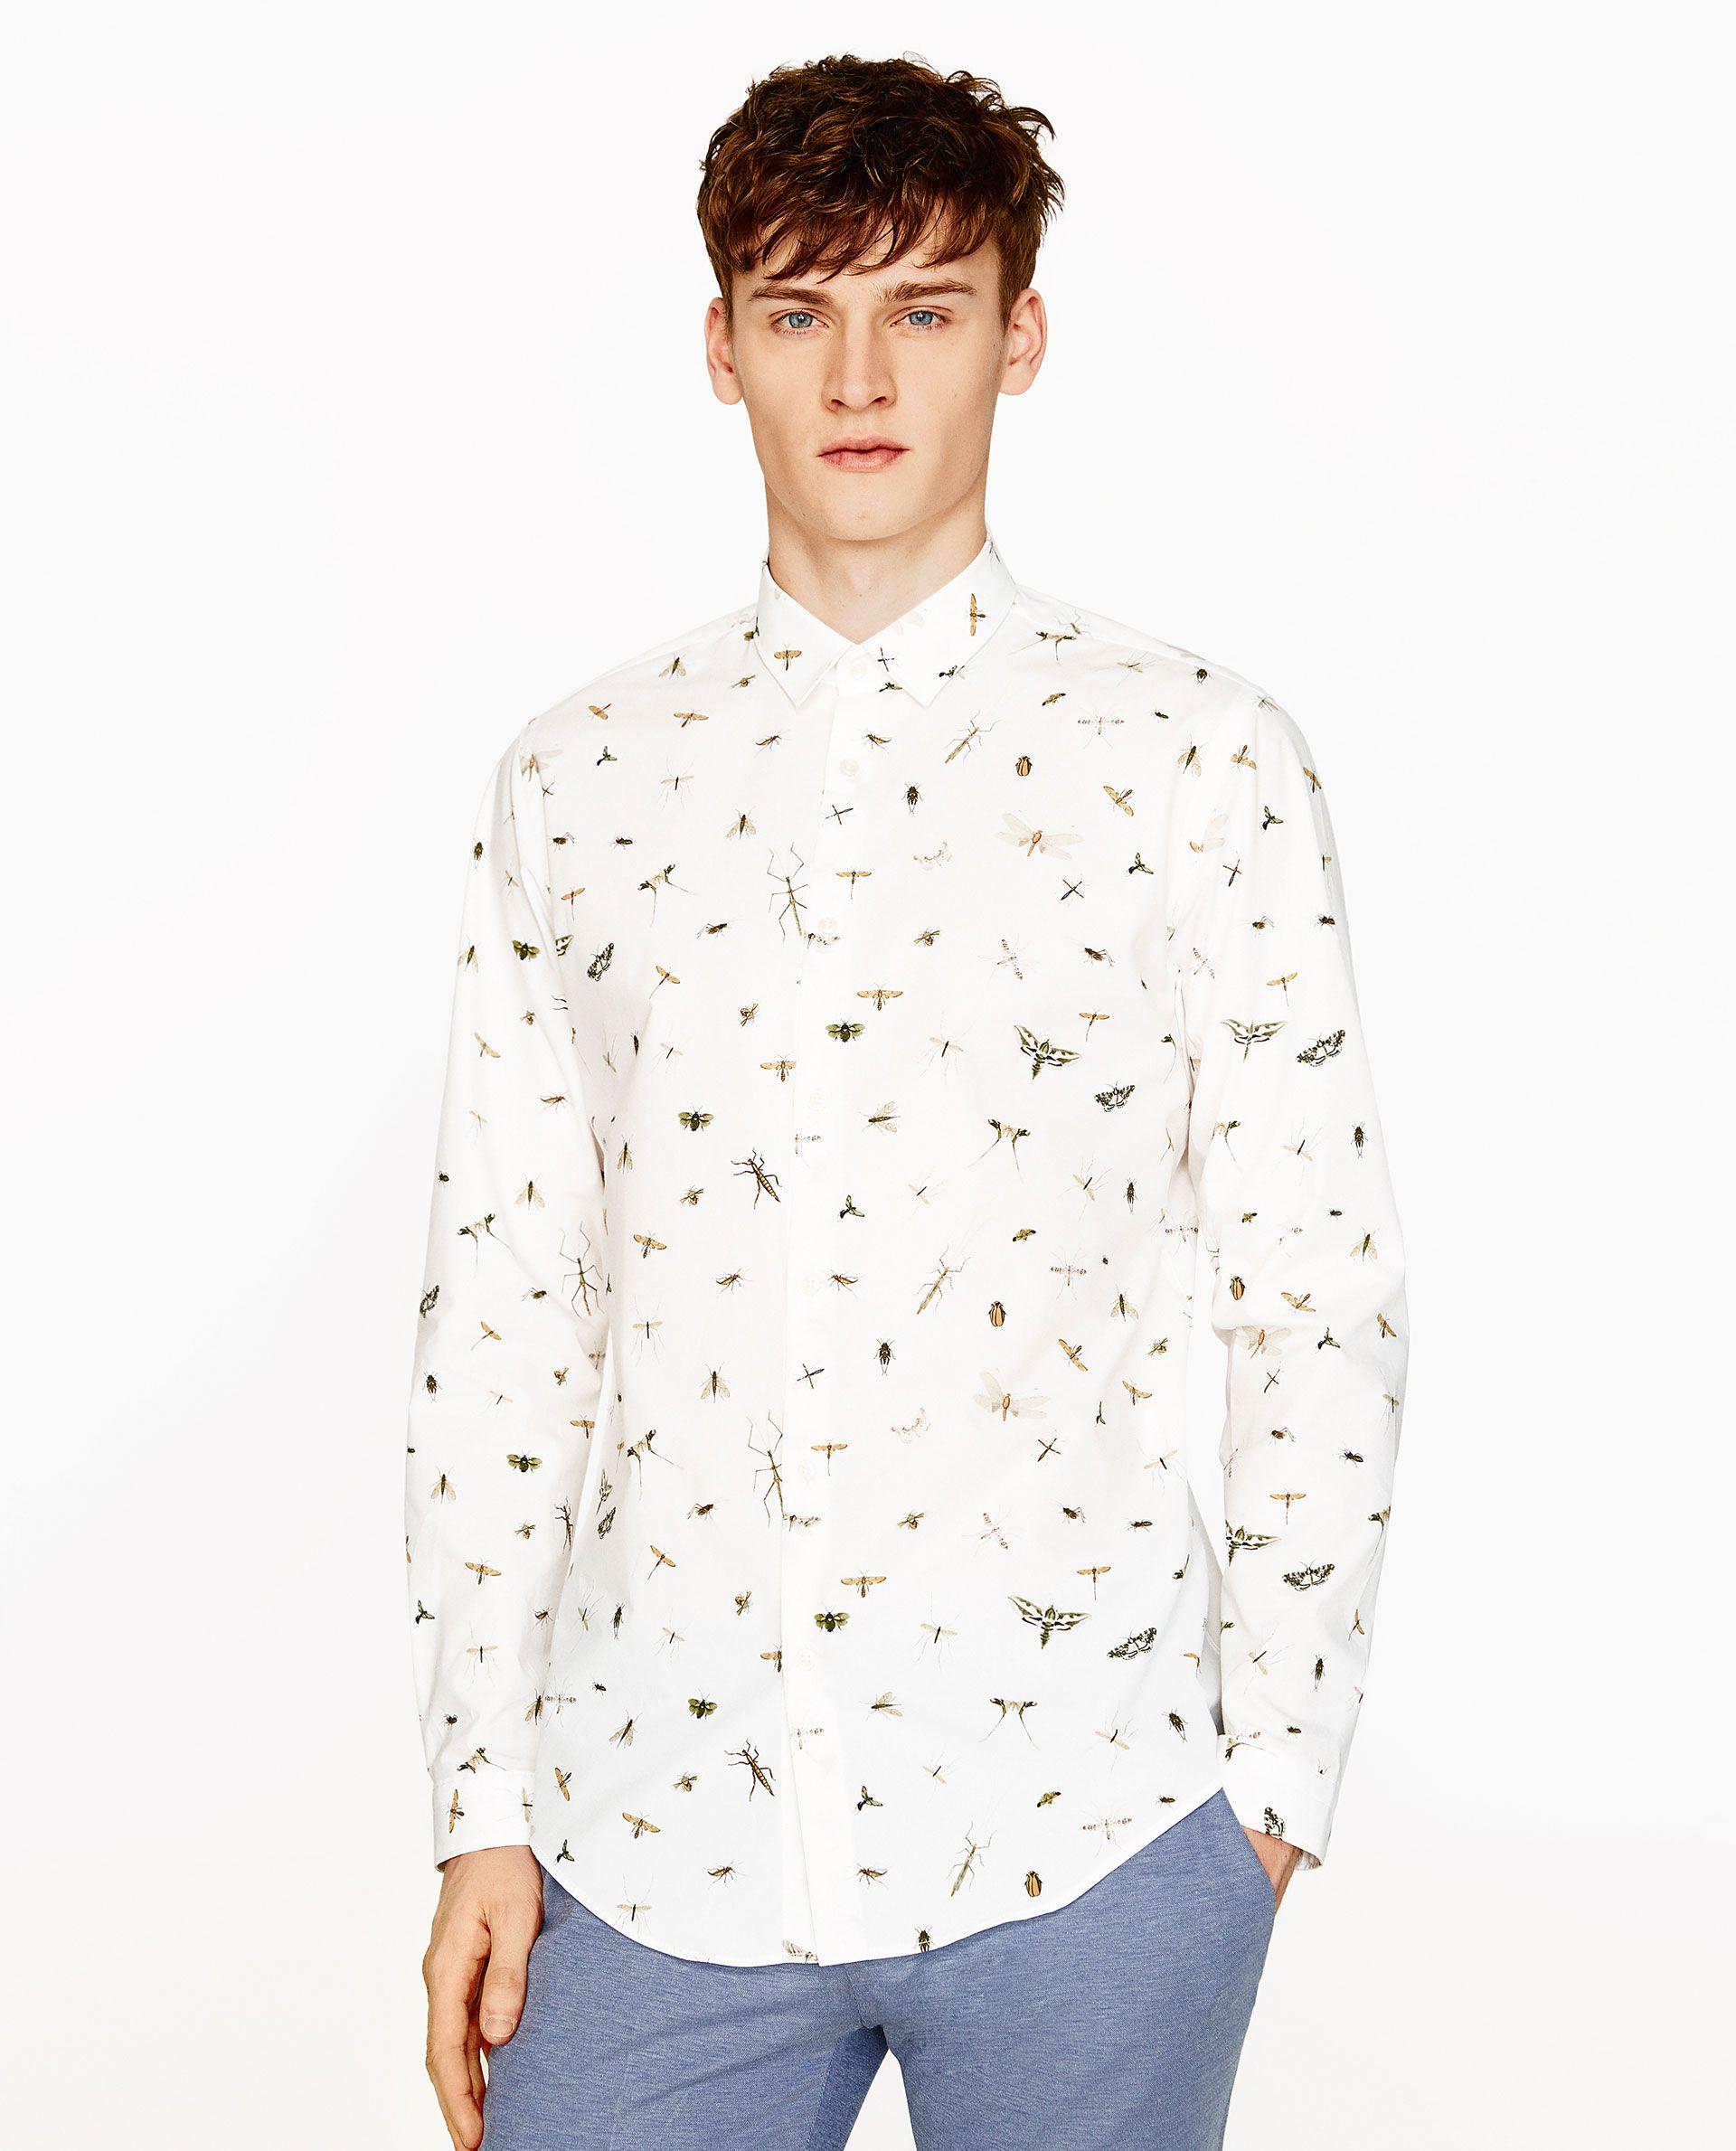 Imagen Zara 2 De En 2019 Camisa Insectos Estampado SMpqzVU